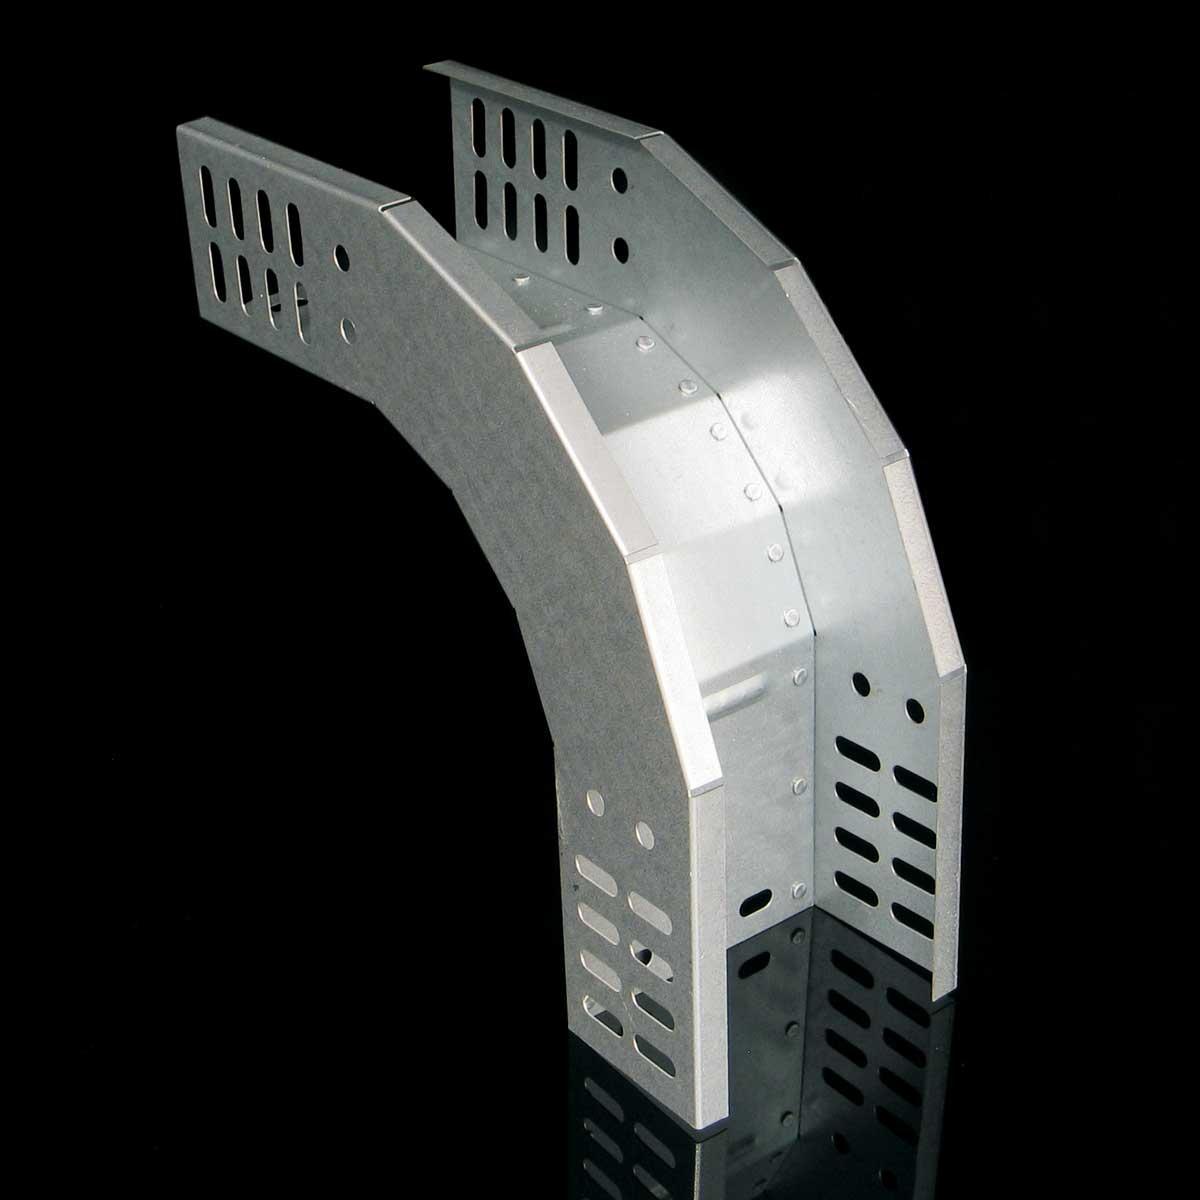 Поворот вертикальний зовнішній 90 для лотка JUPITER; розміри-85x500x270mm Товщ. метал-1 Вага-1,77кг/м